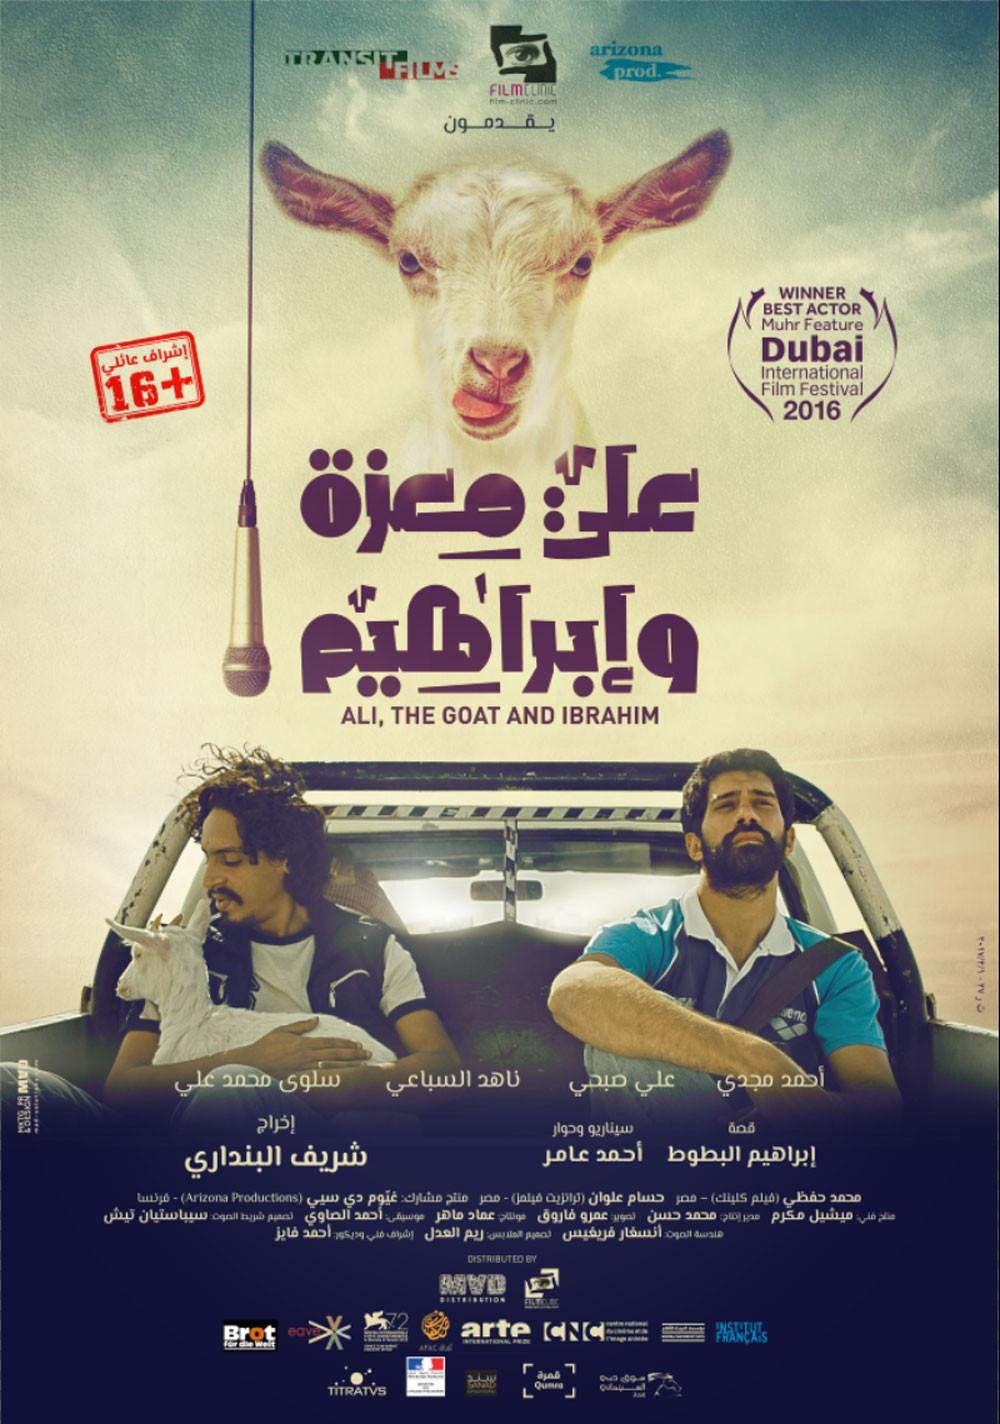 عرض فيلم الجوائز علي معزة وإبراهيم في مؤسسة سينمانا بفلسطين